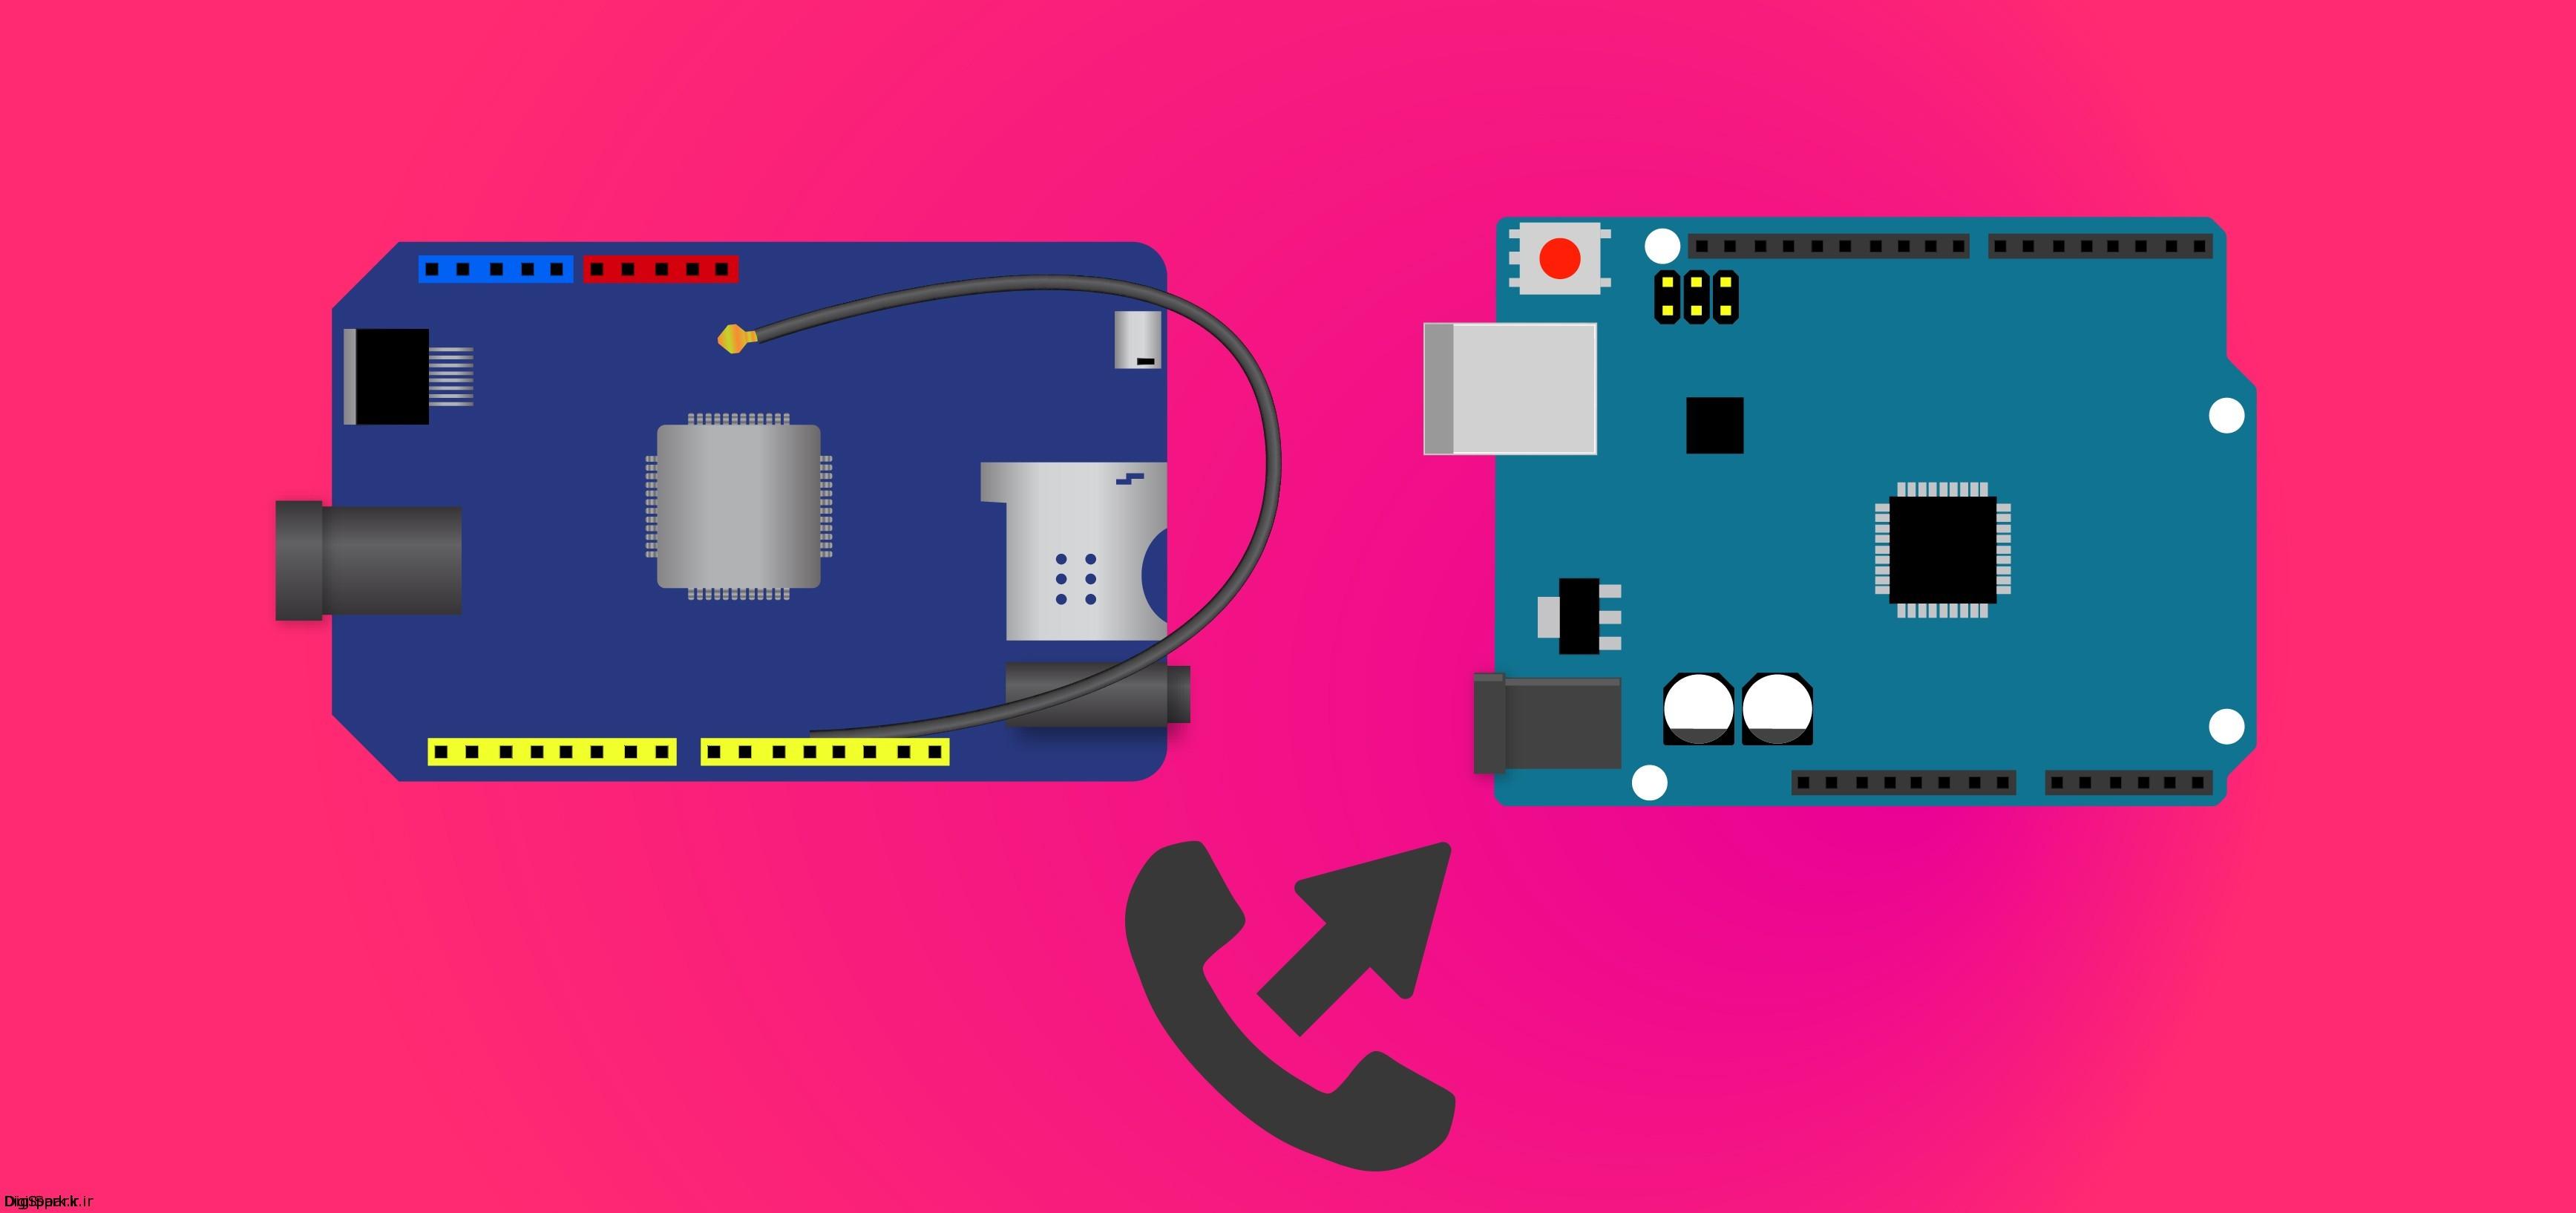 شیلد-sim800-c-arduino-آردوینو-تماس